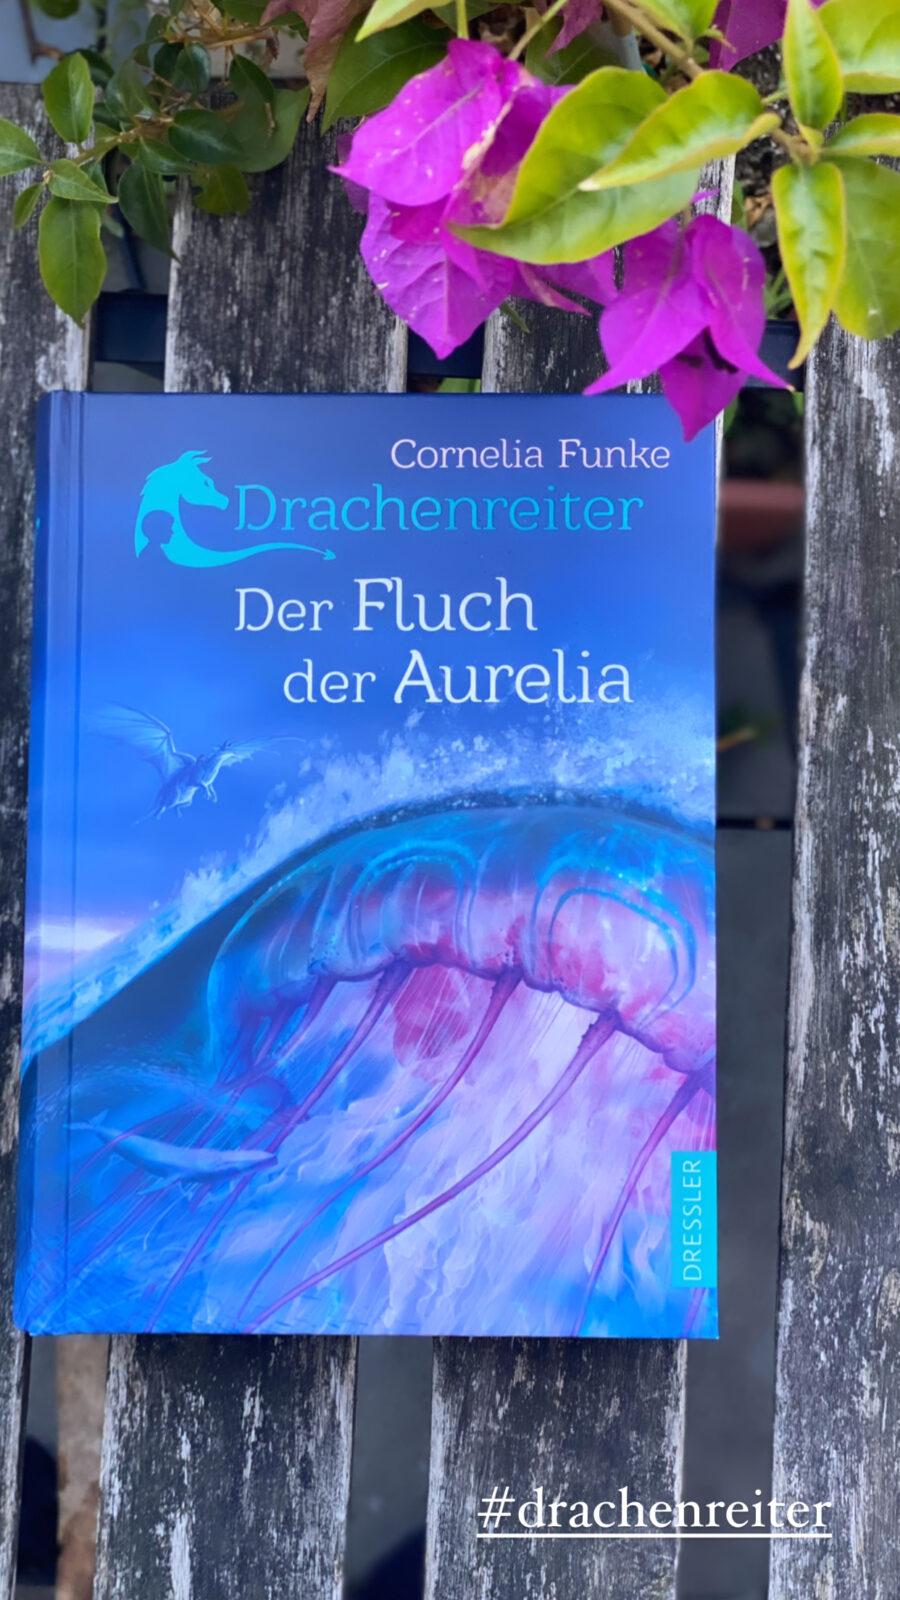 Rezension Drachenreiter, Fluch der Aurelia | berlinmittemom.com